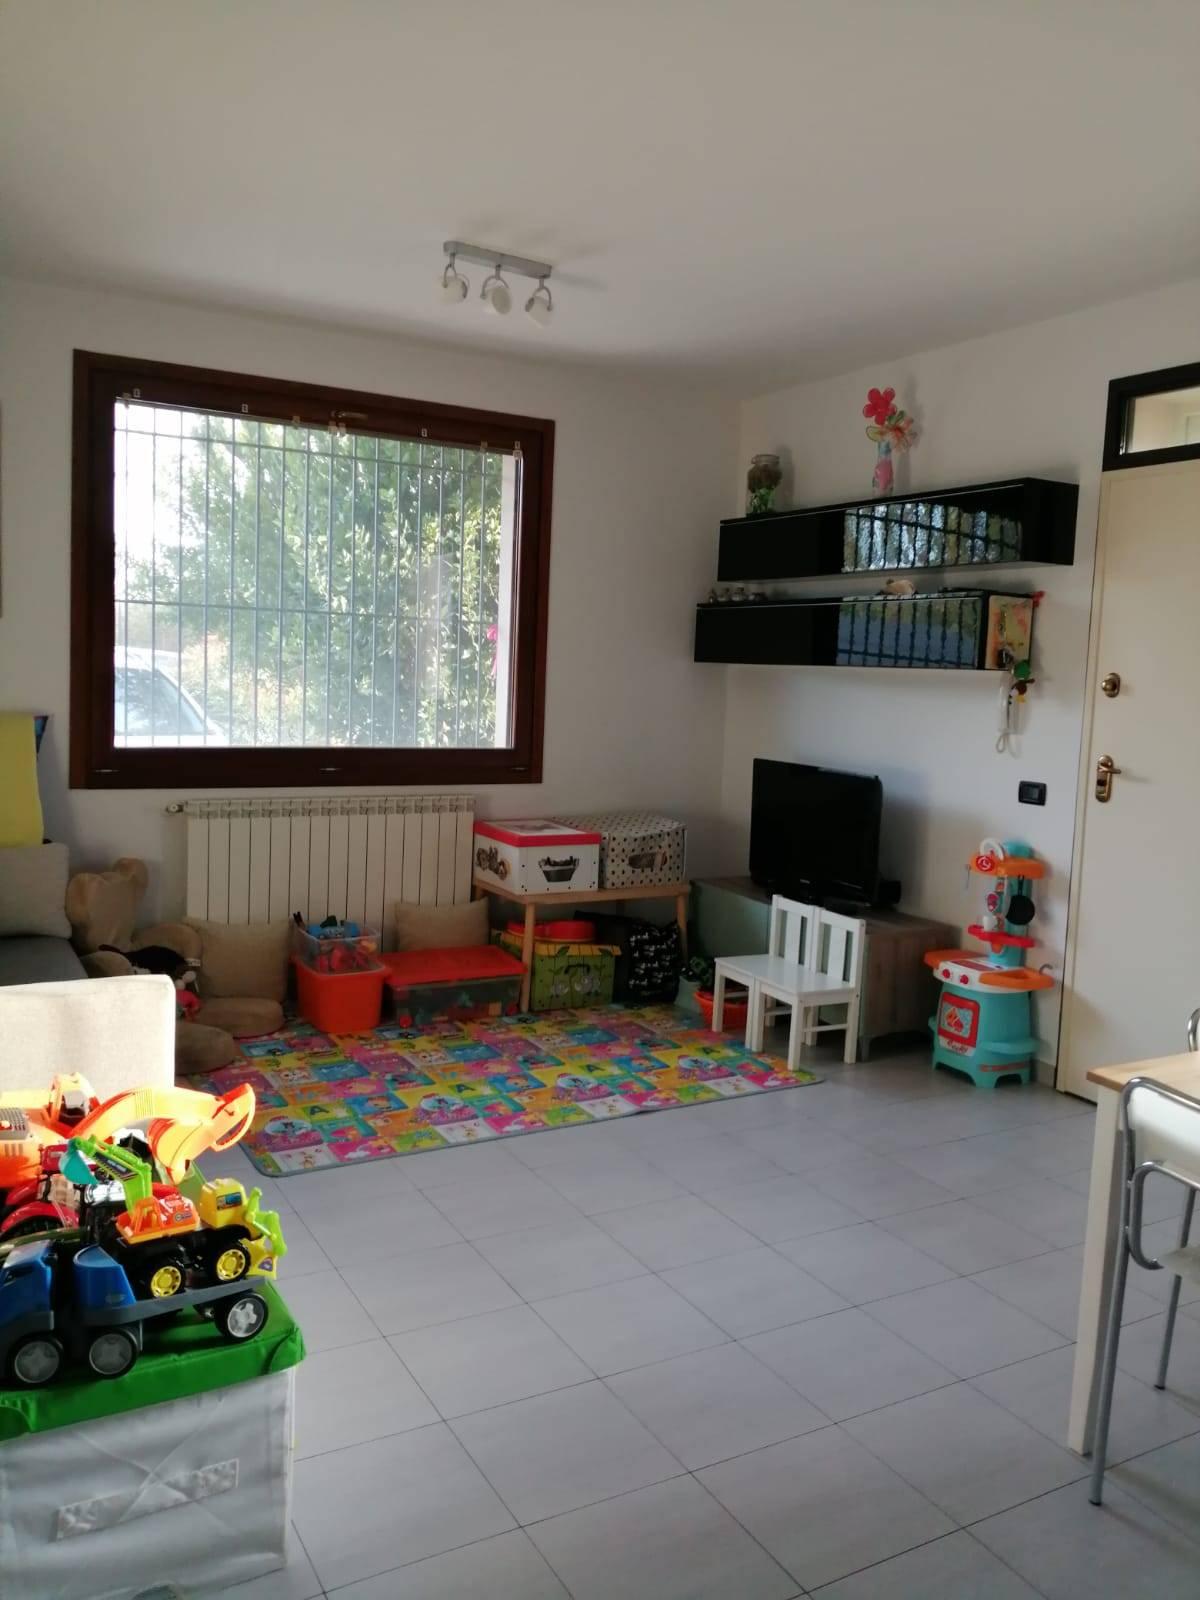 Villa in vendita a Fusignano, 5 locali, zona Zona: S.Savino, prezzo € 165.000 | CambioCasa.it